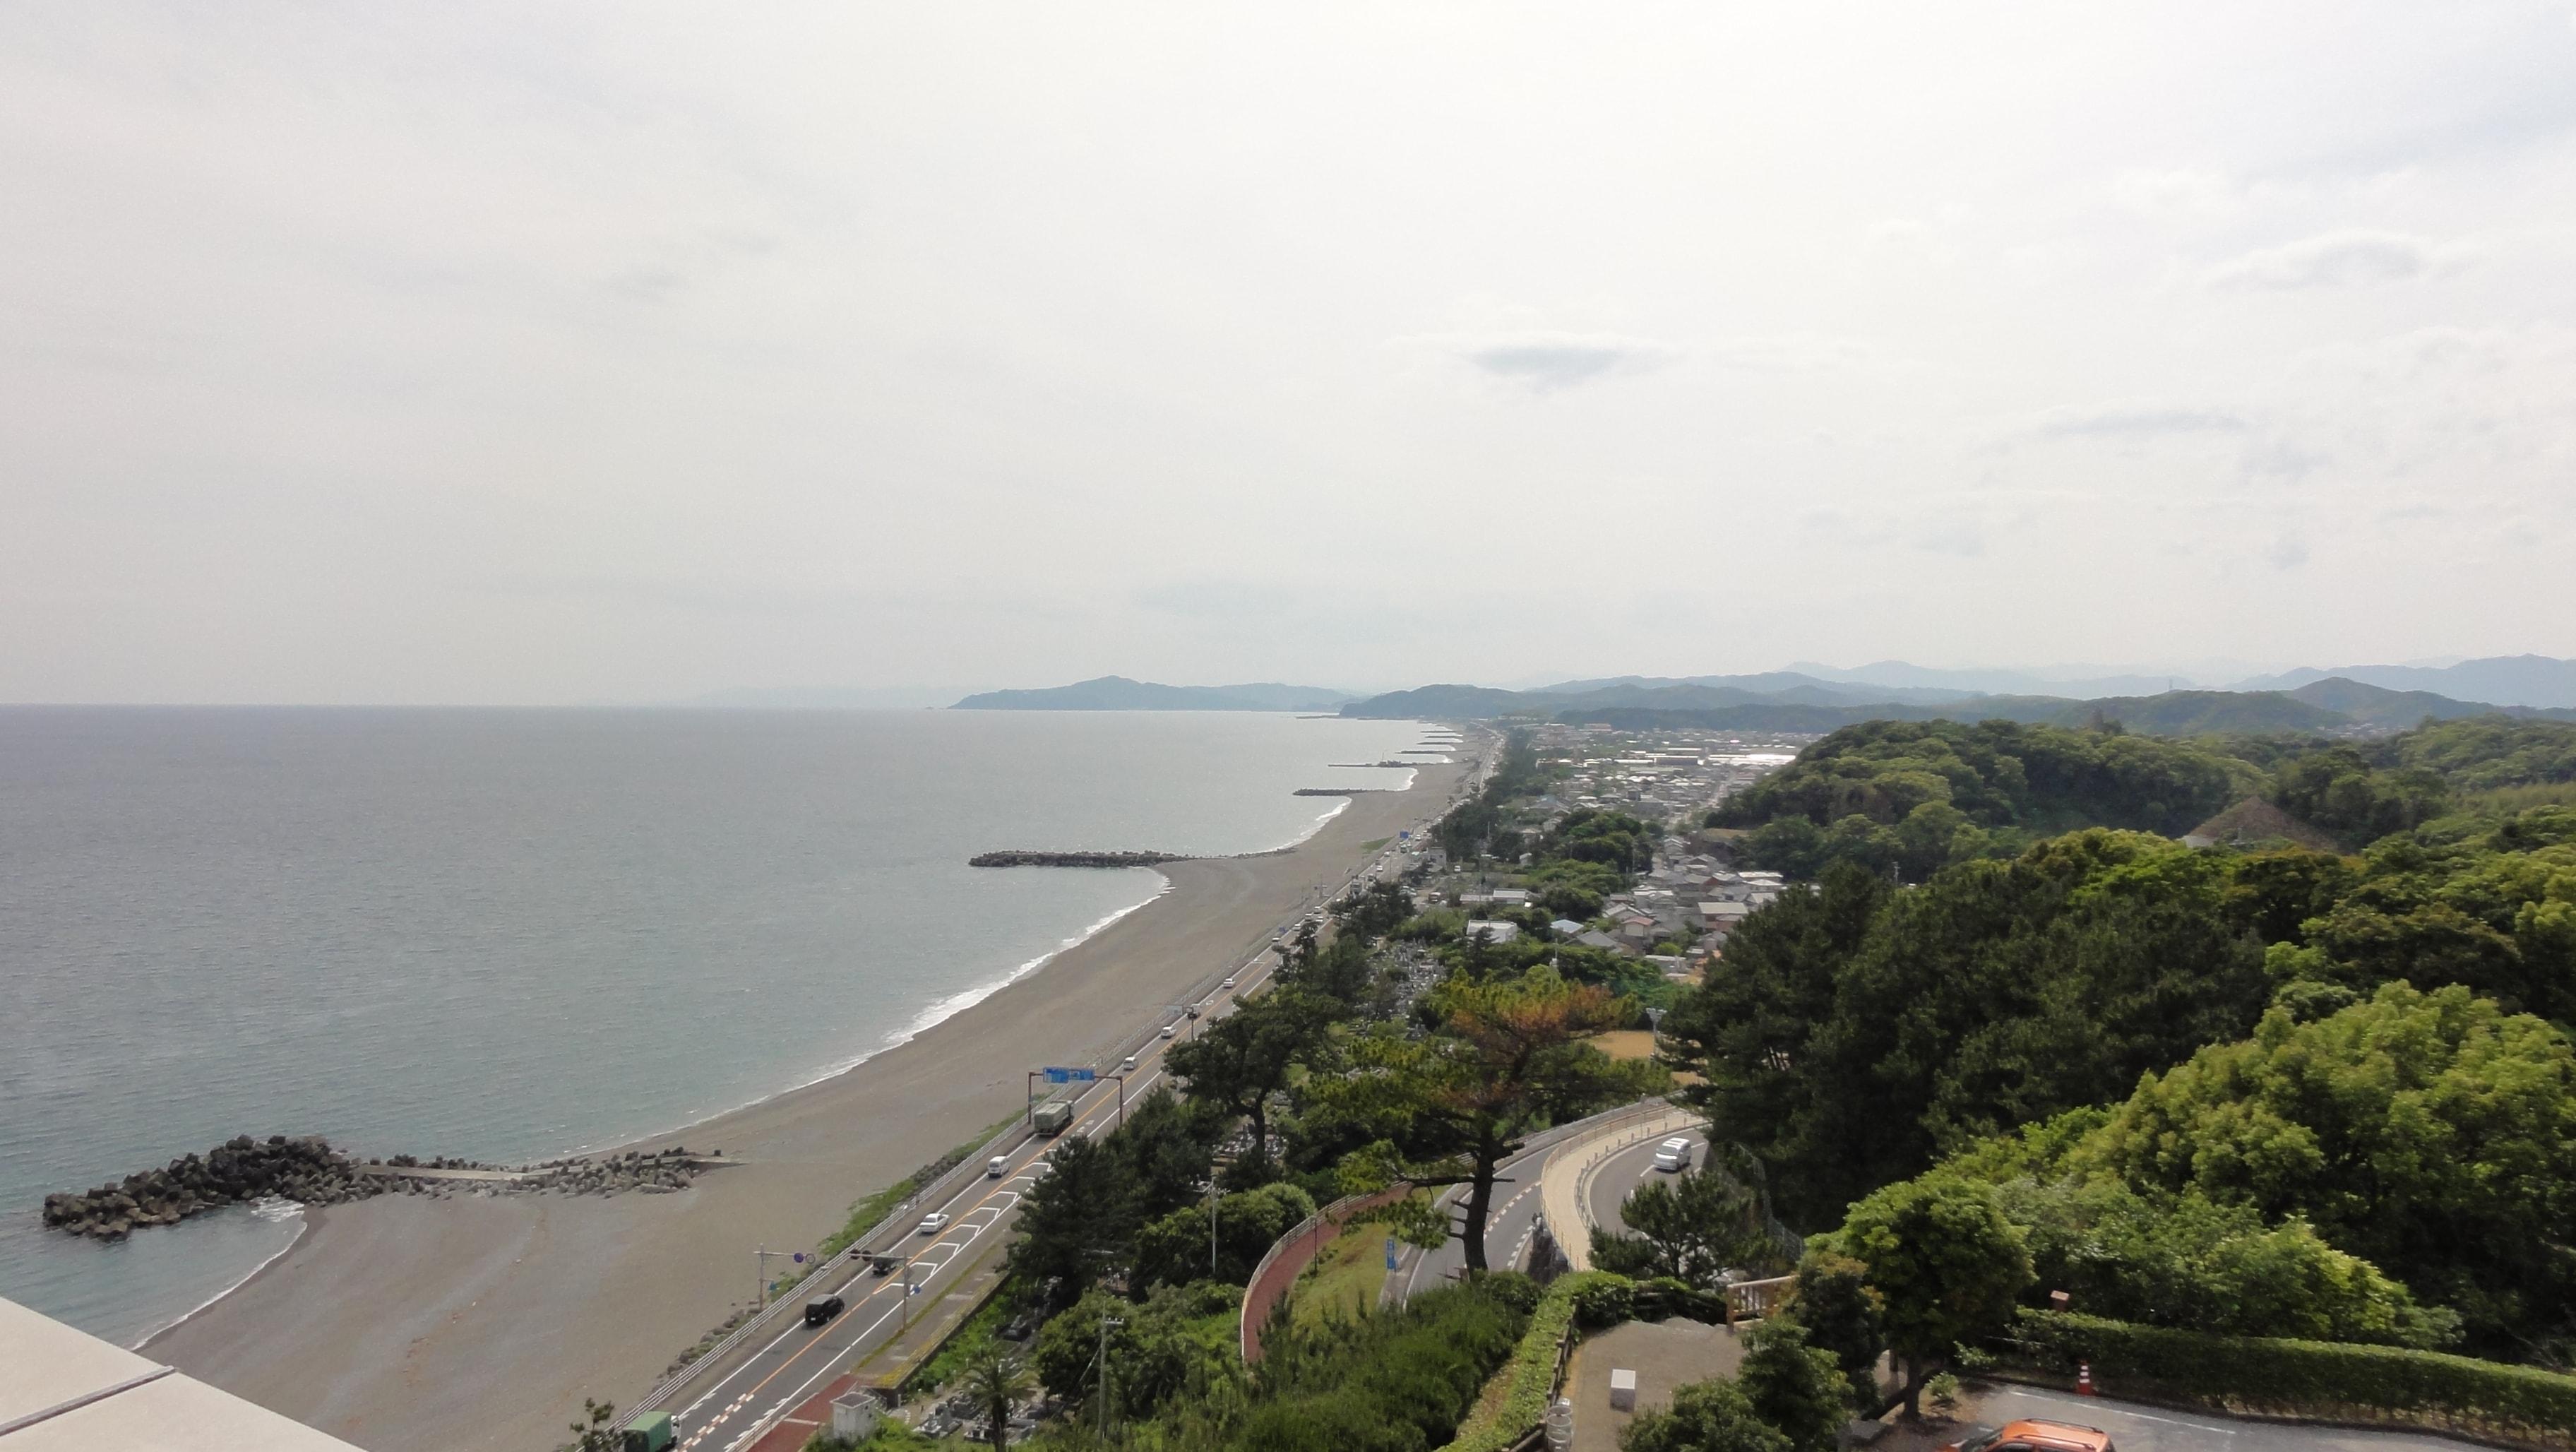 龍馬記念館から見た海岸